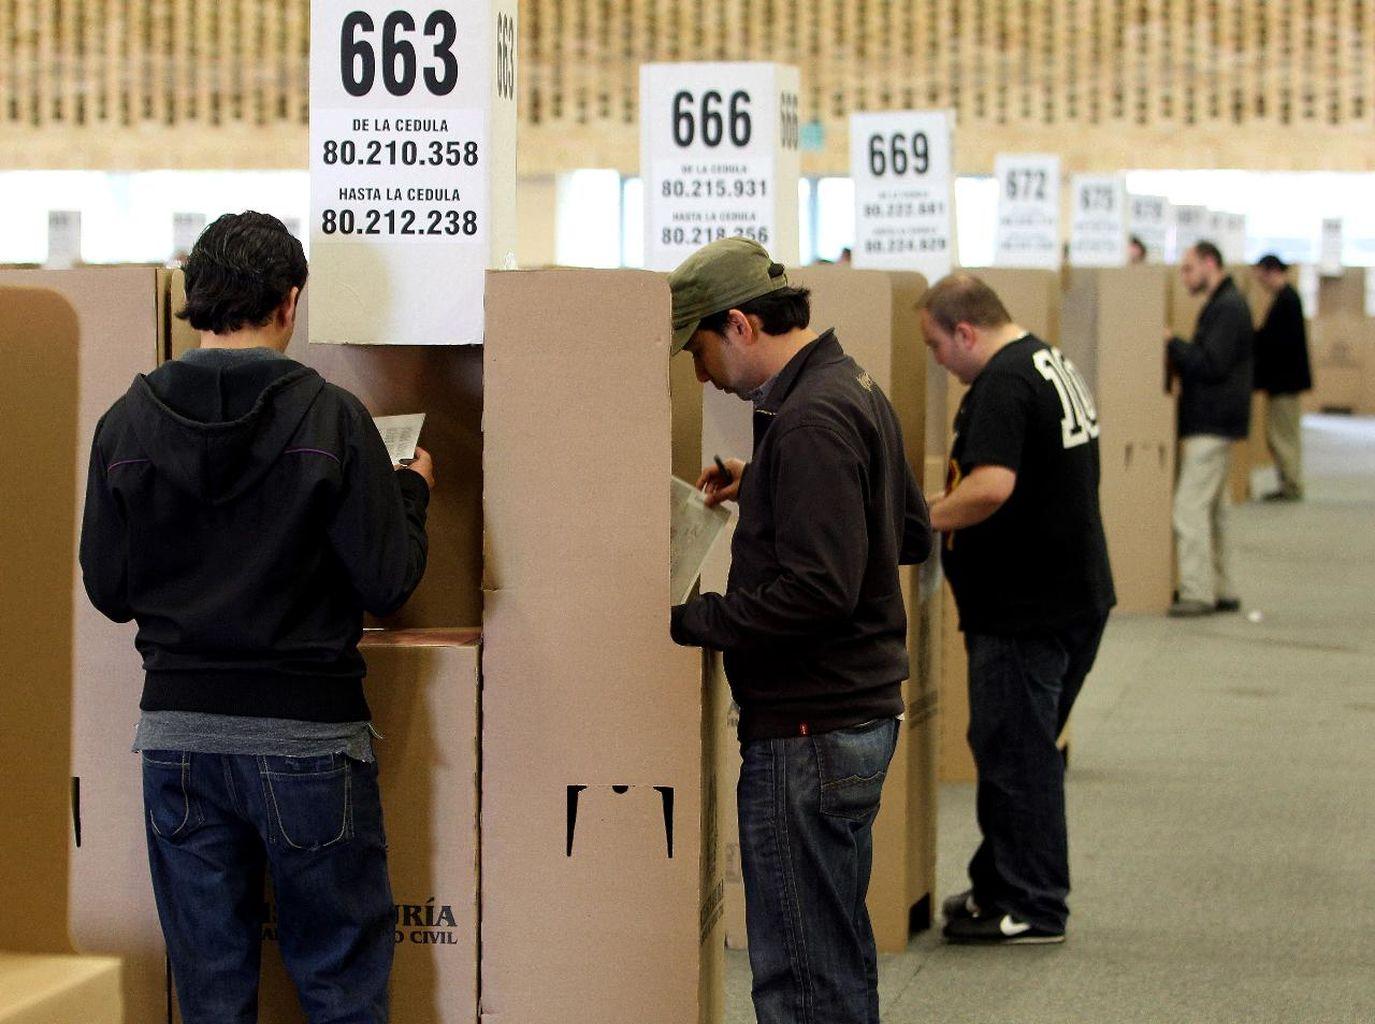 colegios-electorales-colombia-elecciones-presidente_700740729_89620455_1375x1024